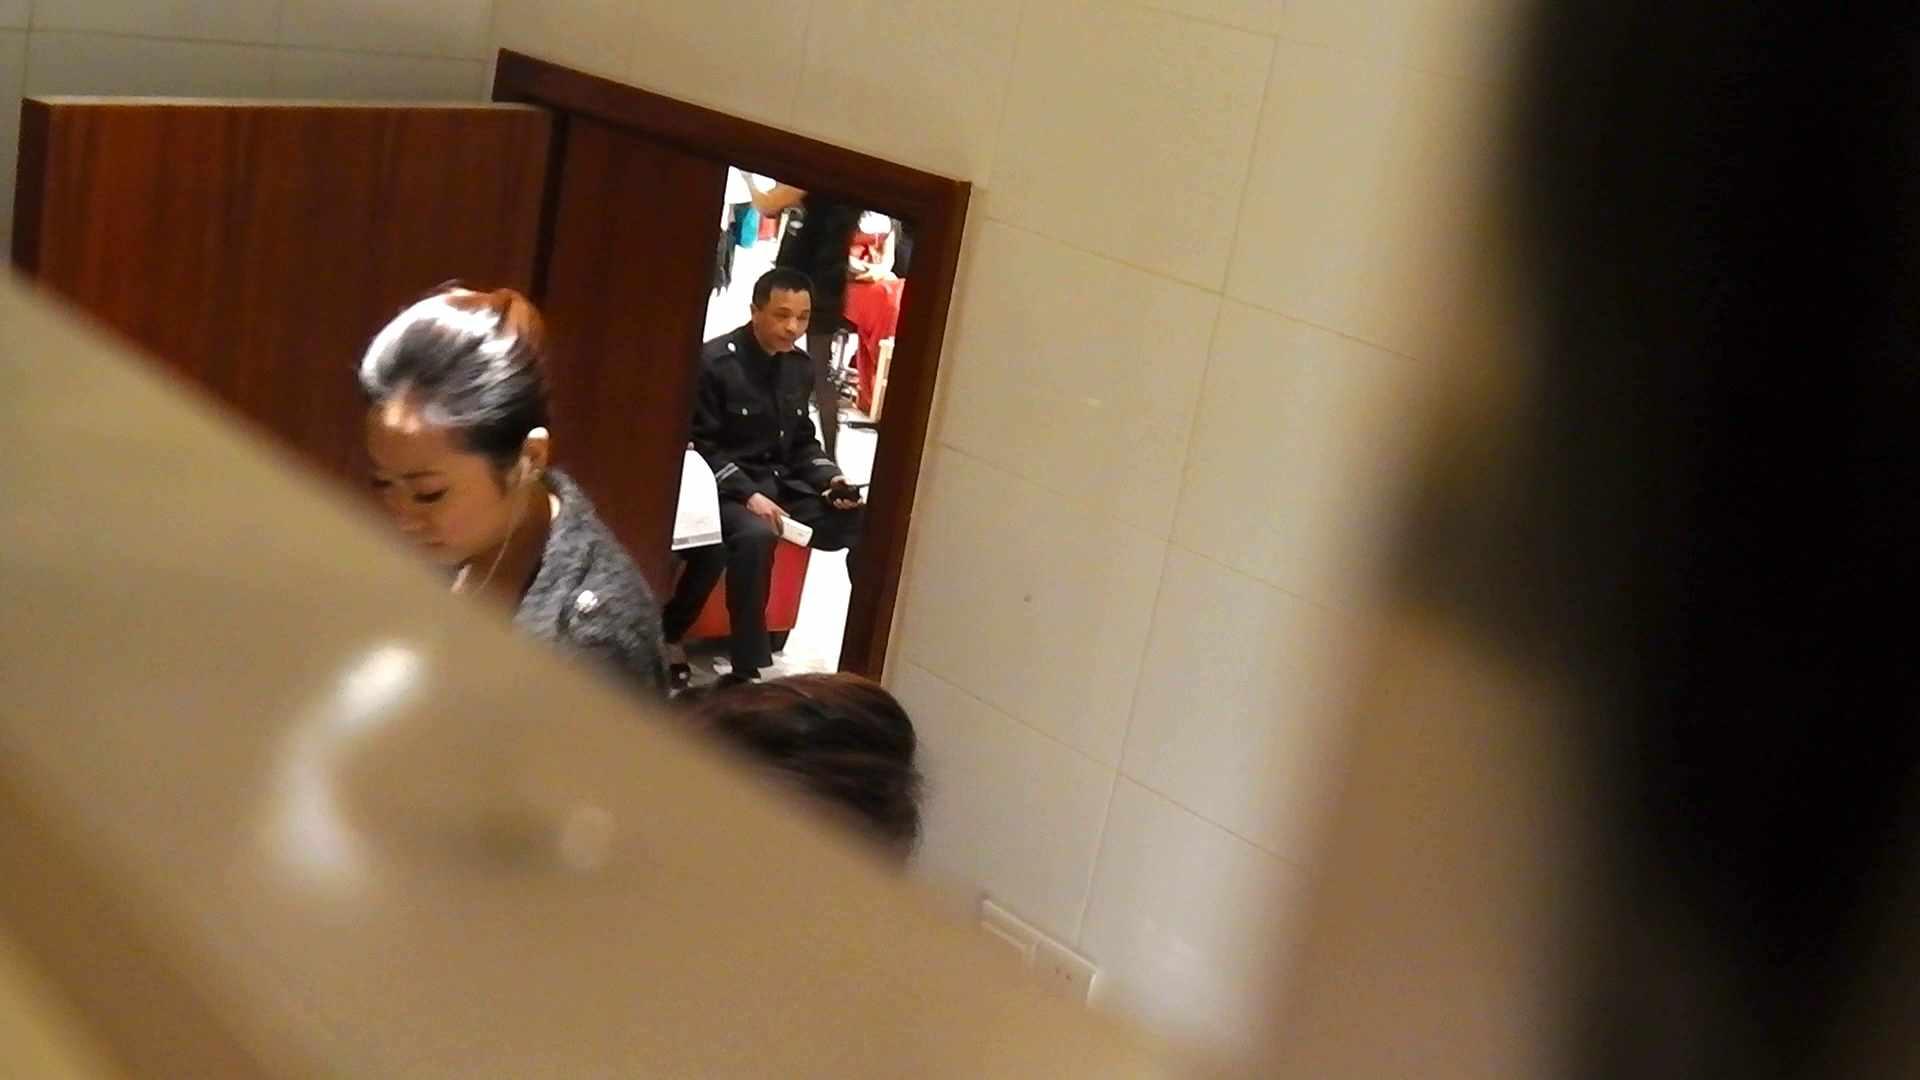 洗寿観音さんの 化粧室は四面楚歌Nol.5 洗面所  108枚 62